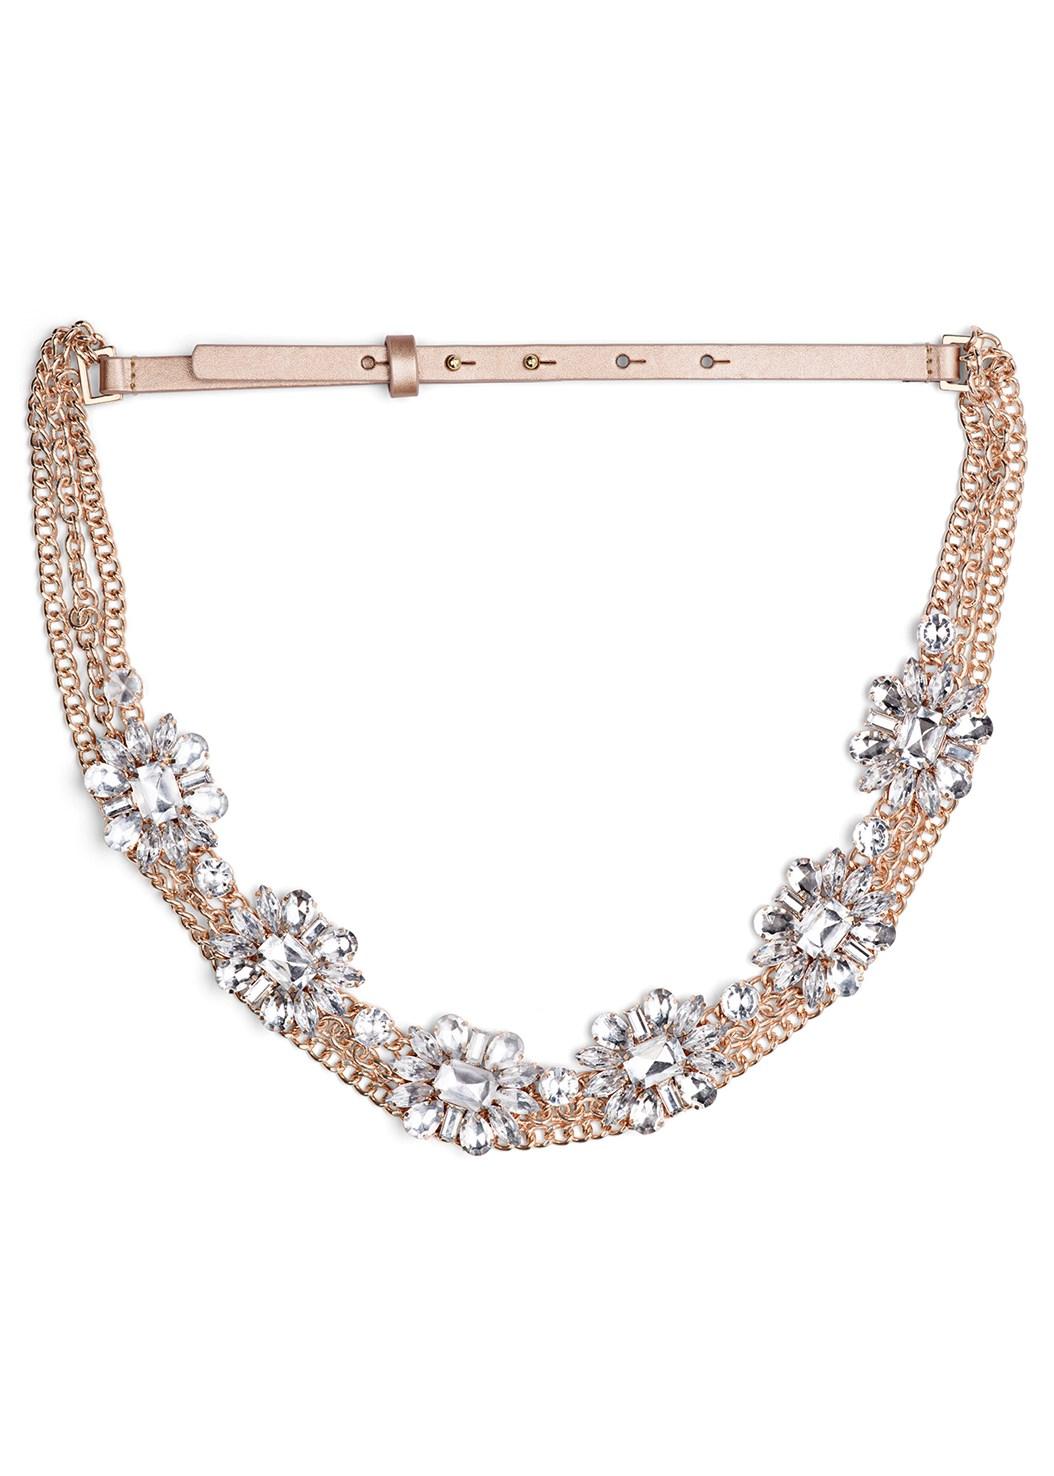 Embellished Chain Belt,Cupid U Plunge Bra,Cold Shoulder Lace Dress,Lucite Detail Heels